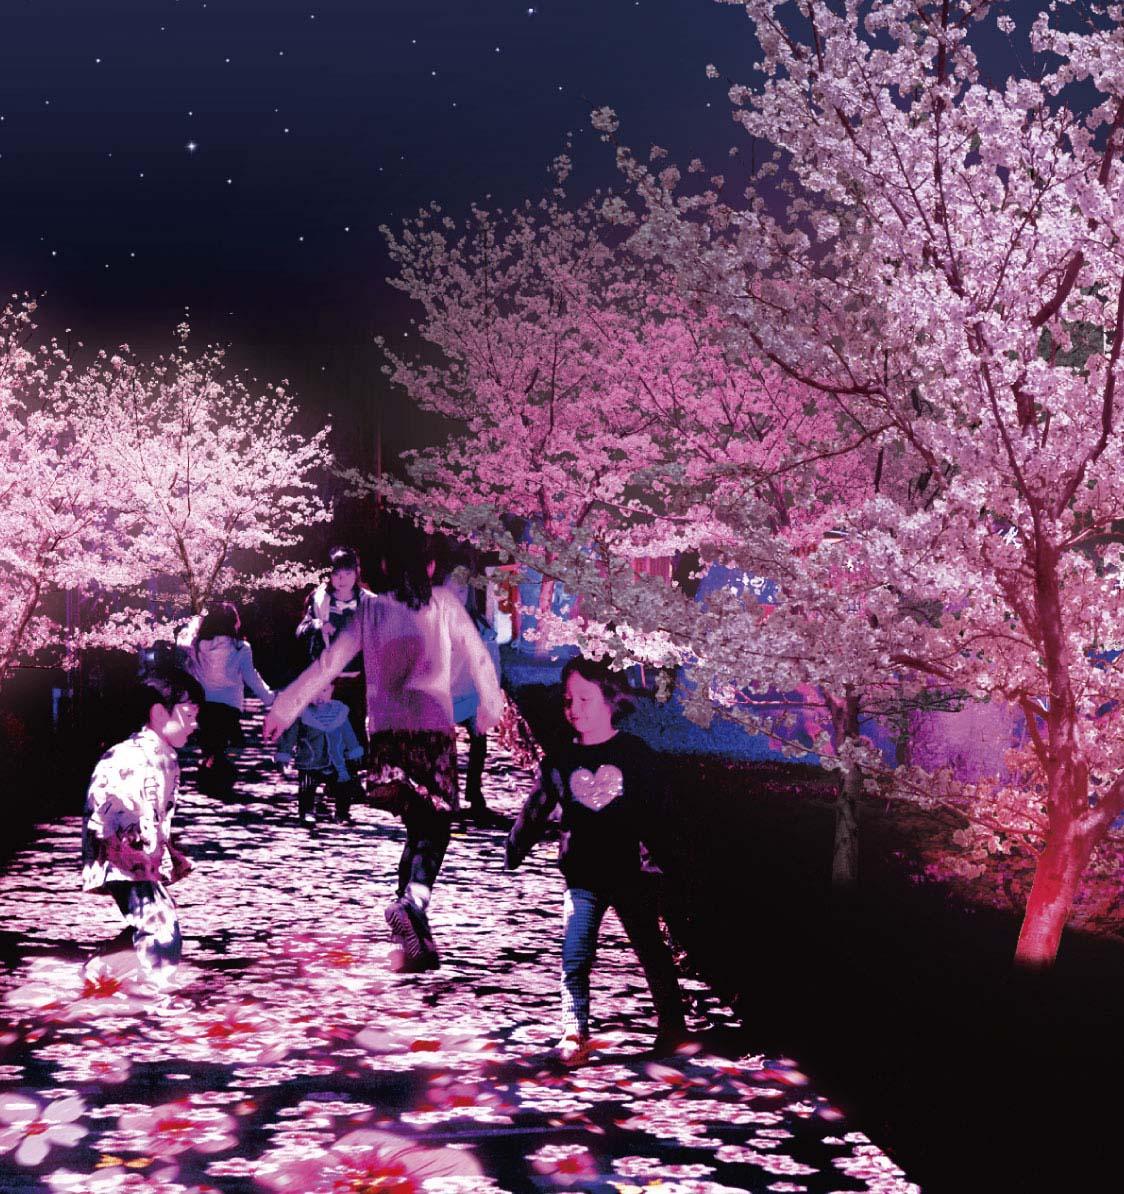 プロジェクションマッピングであるフラワーシャワーカーペット夜桜花見バージョンのイメージ画像